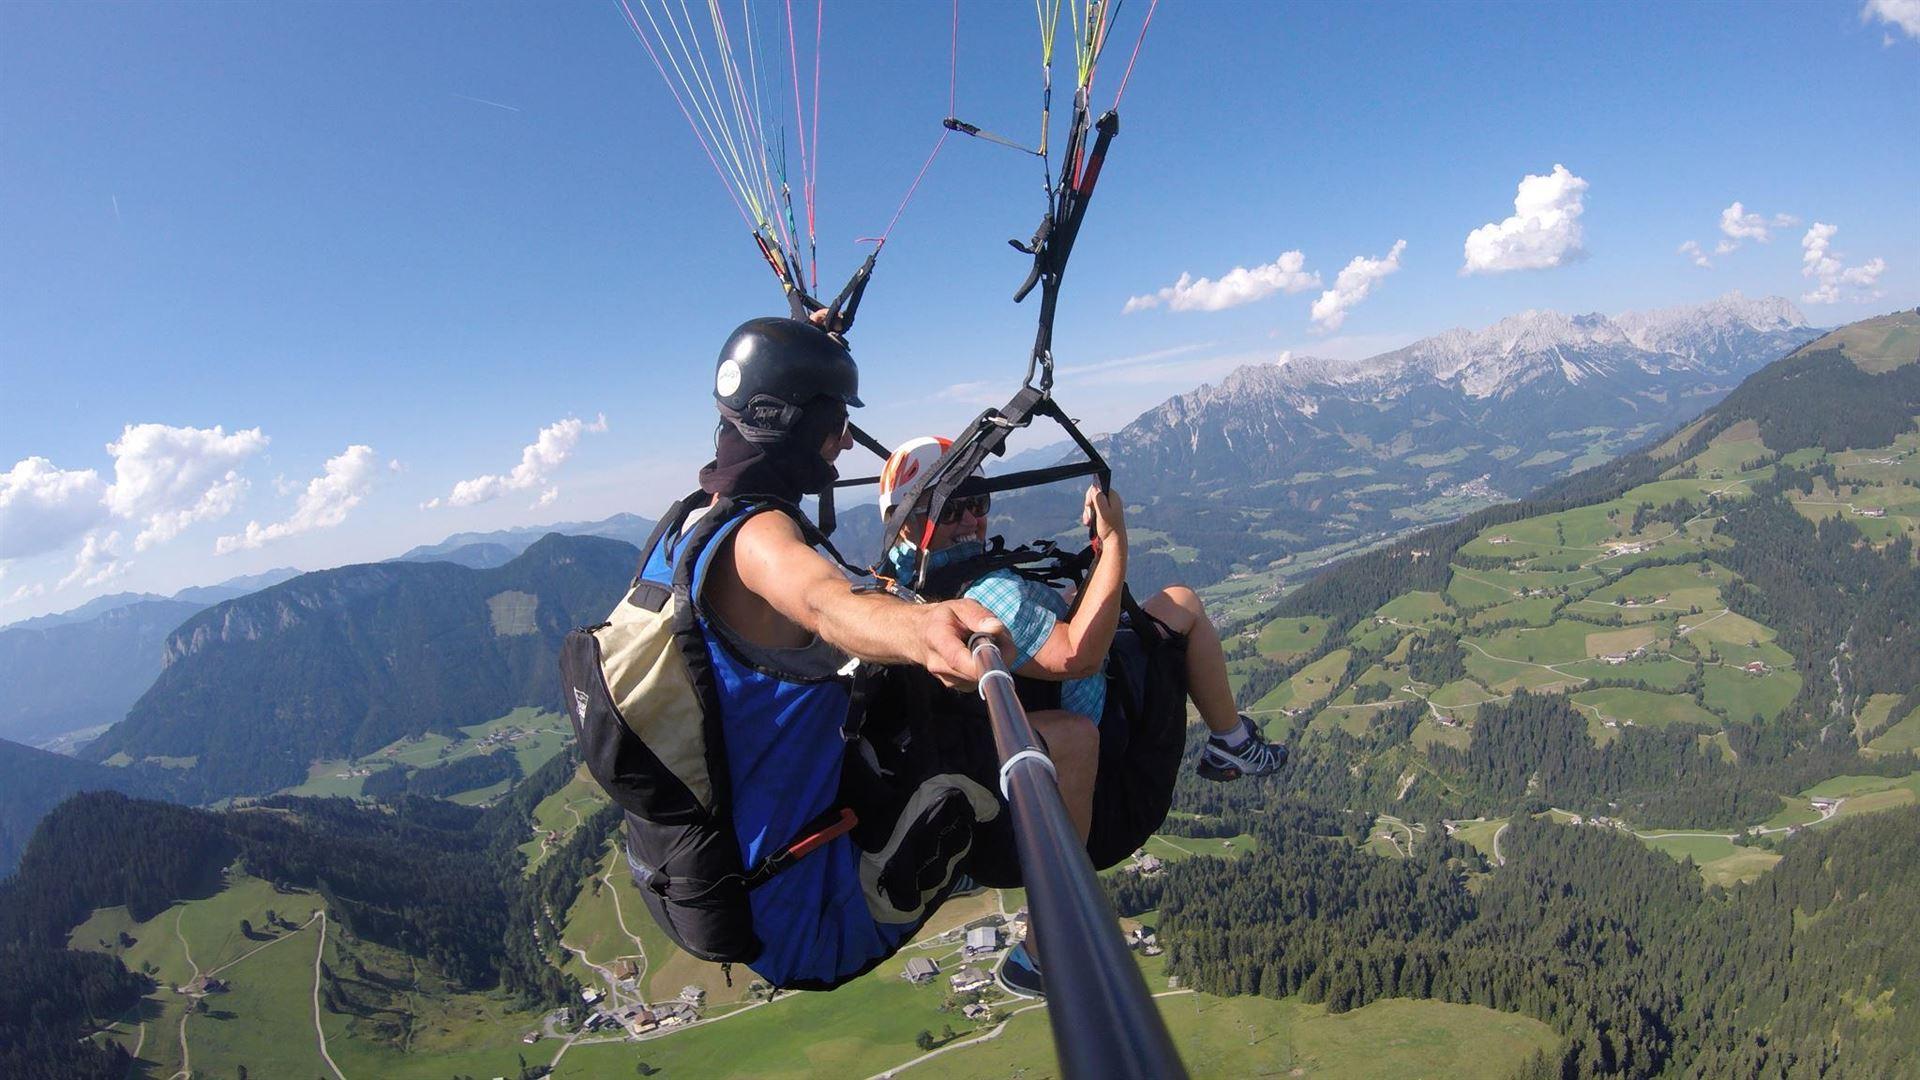 Paragliding at lofty heights in the Wilder Kaiser region